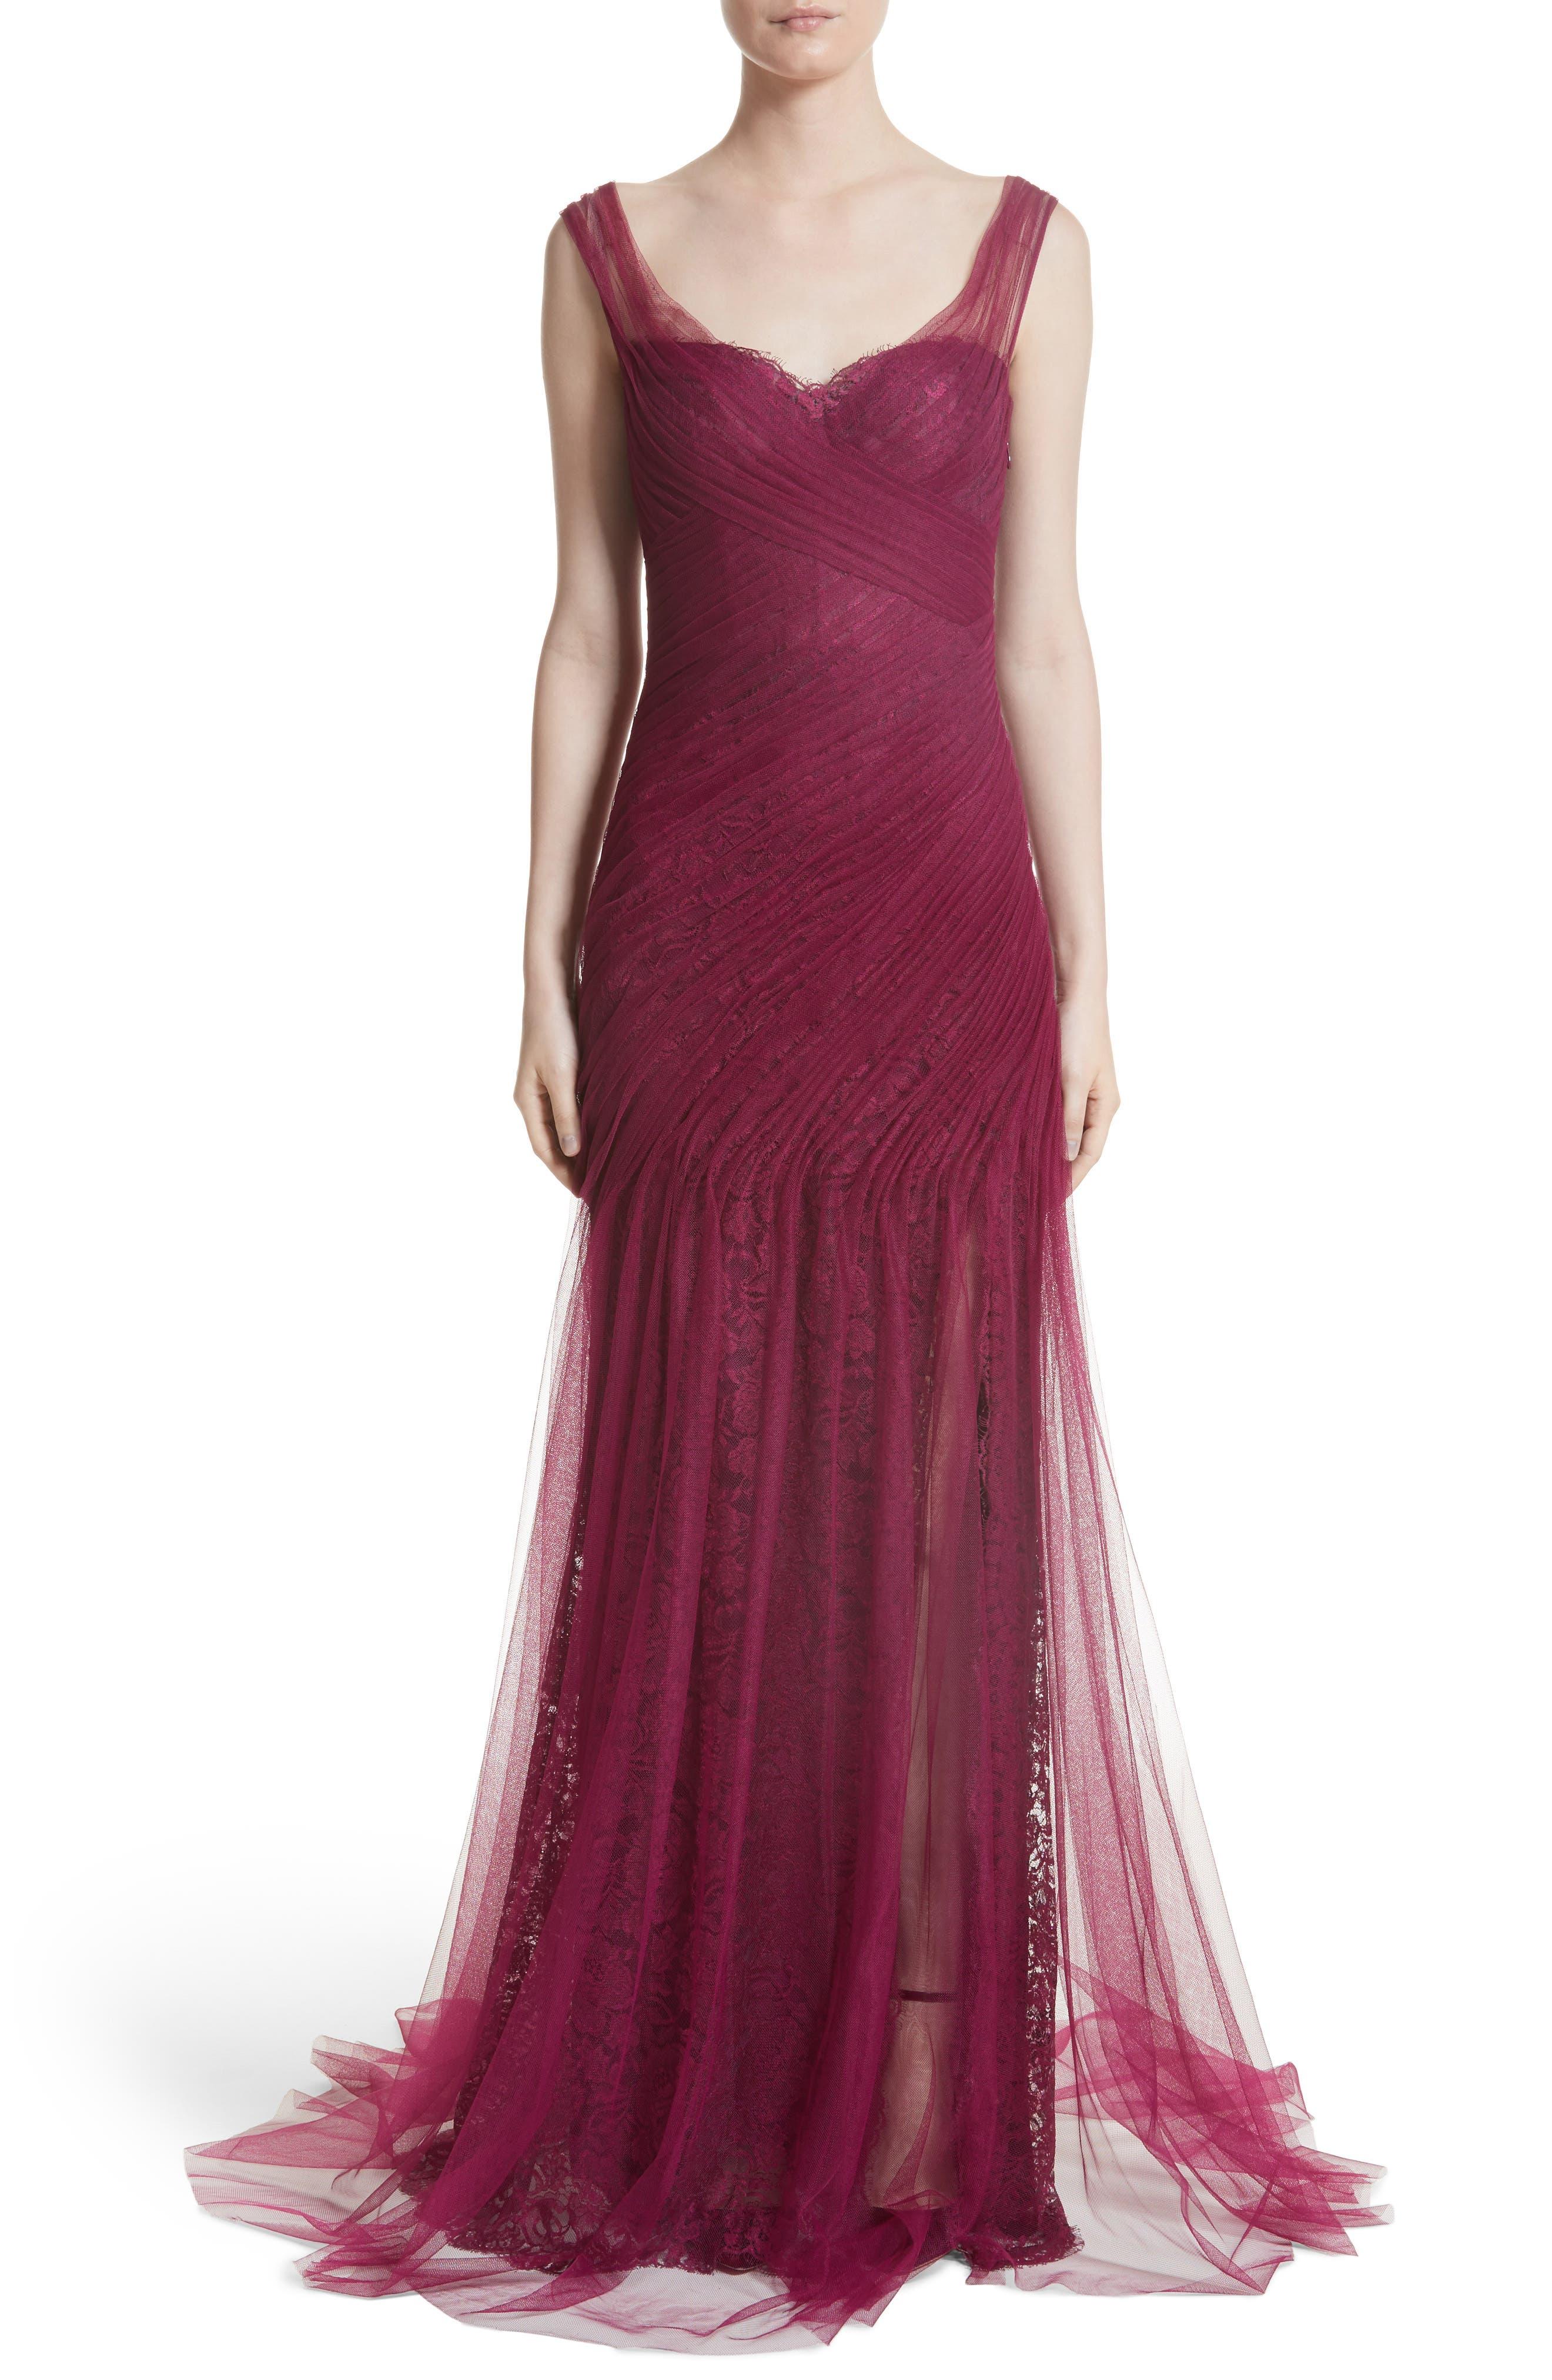 Monique Lhuillier Draped Tulle & Lace Gown